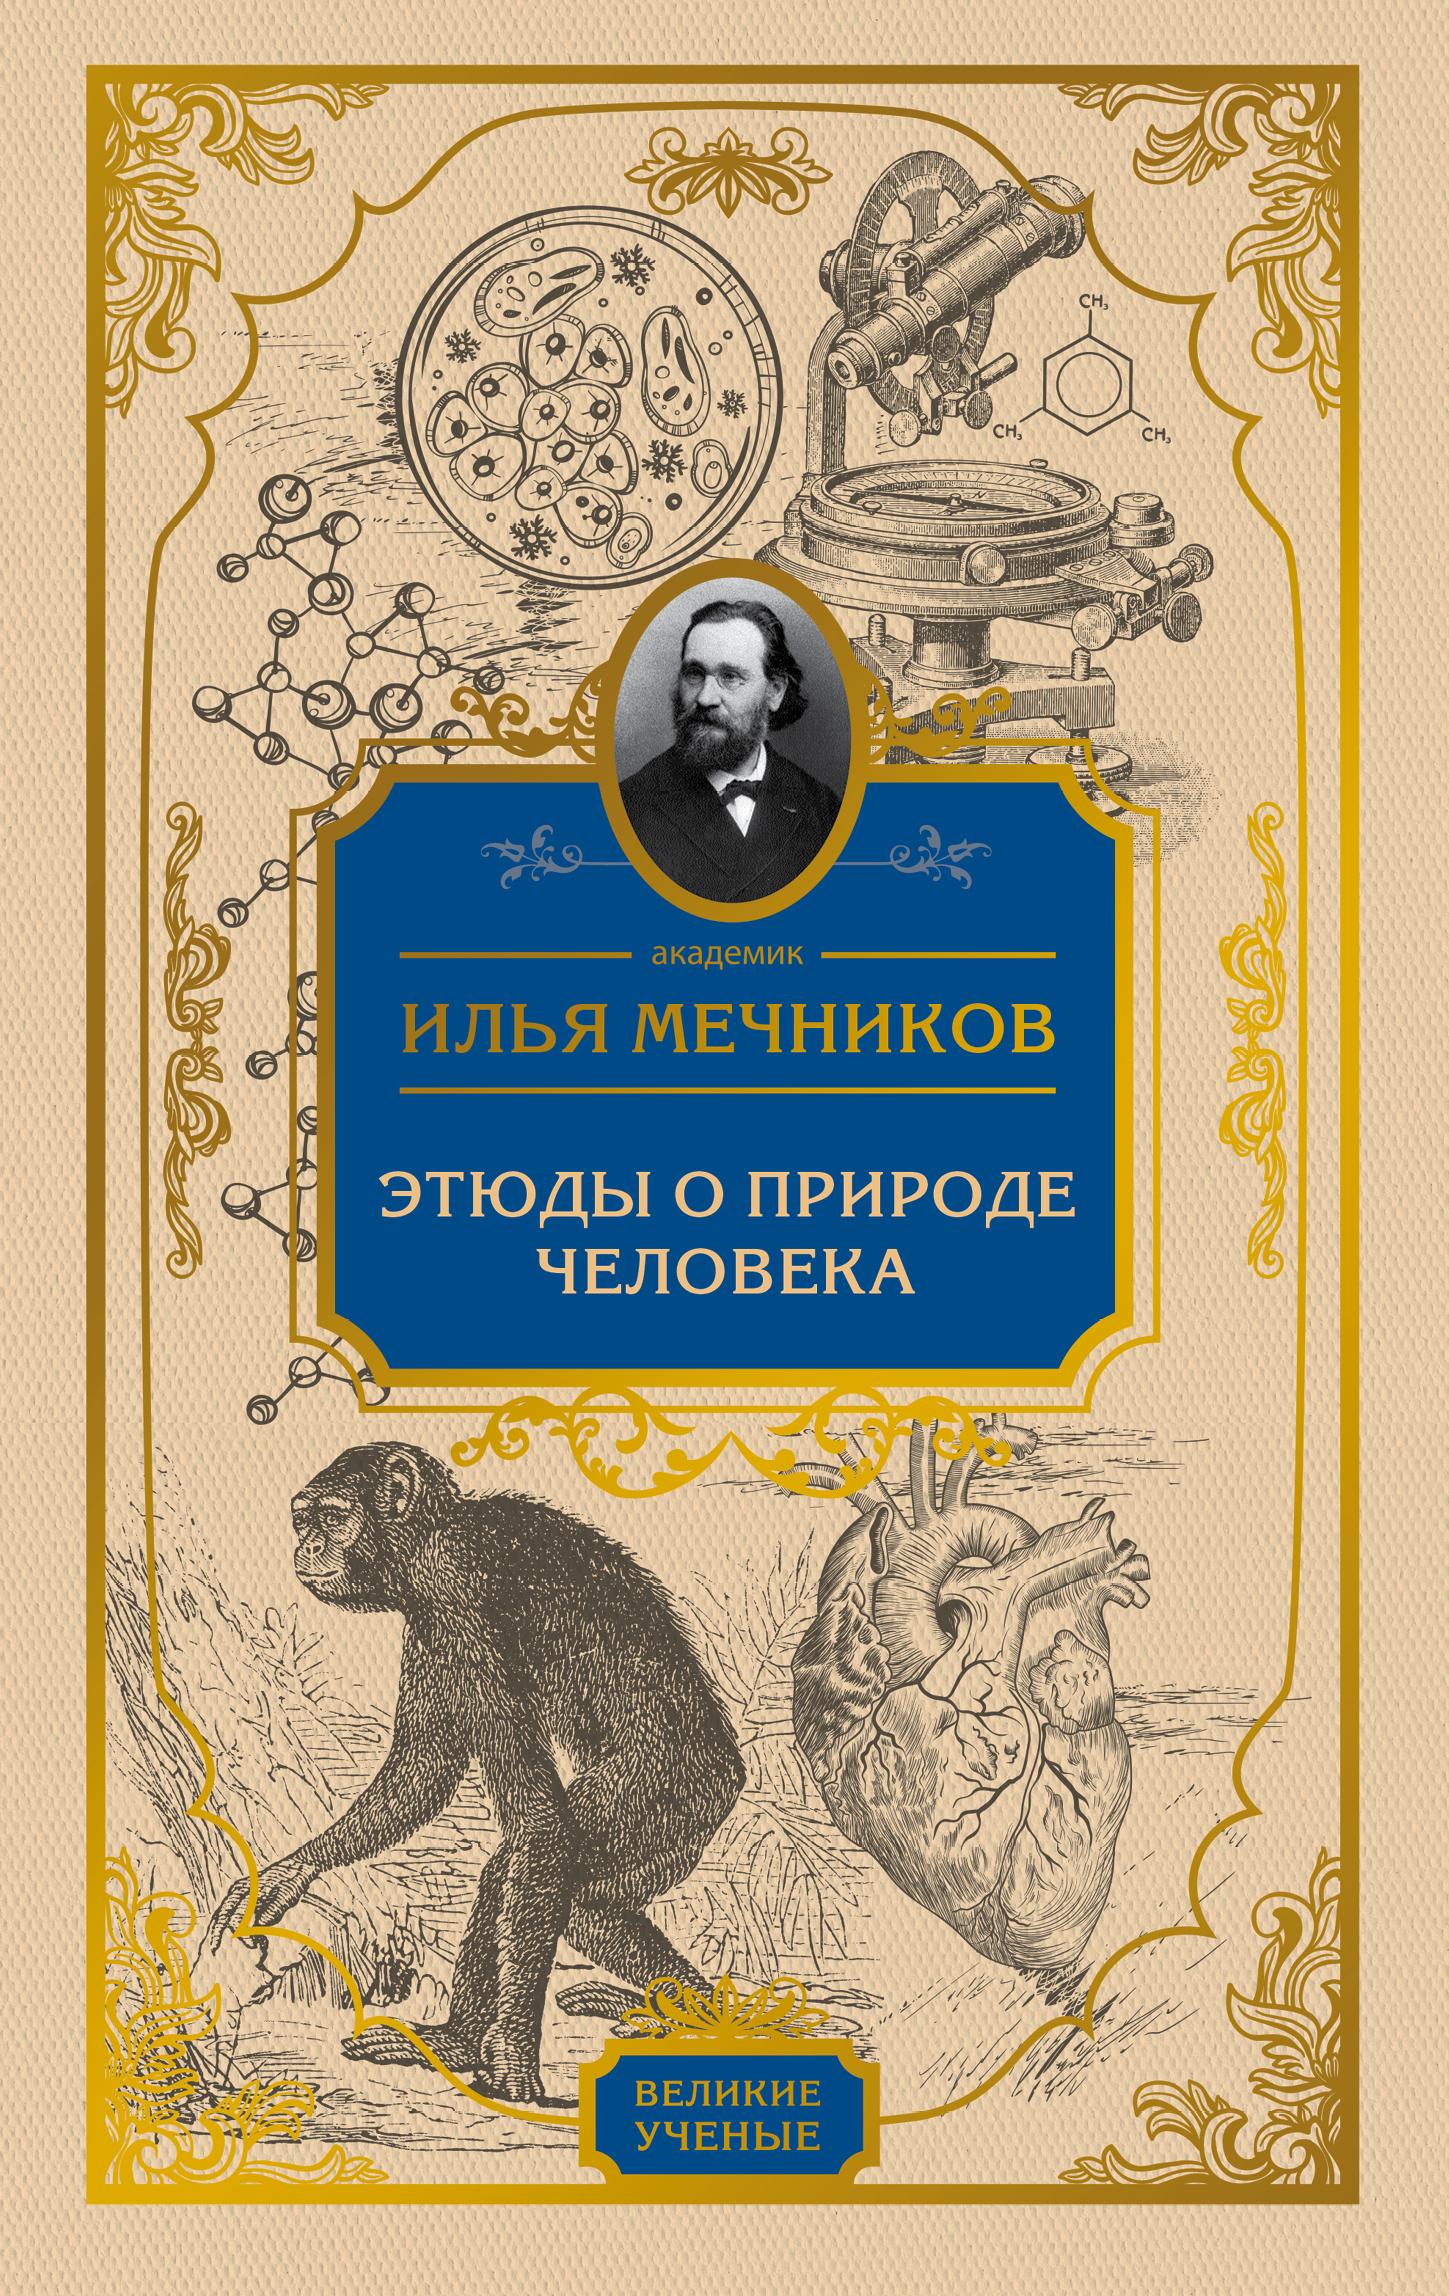 цены Илья Мечников Этюды о природе человека